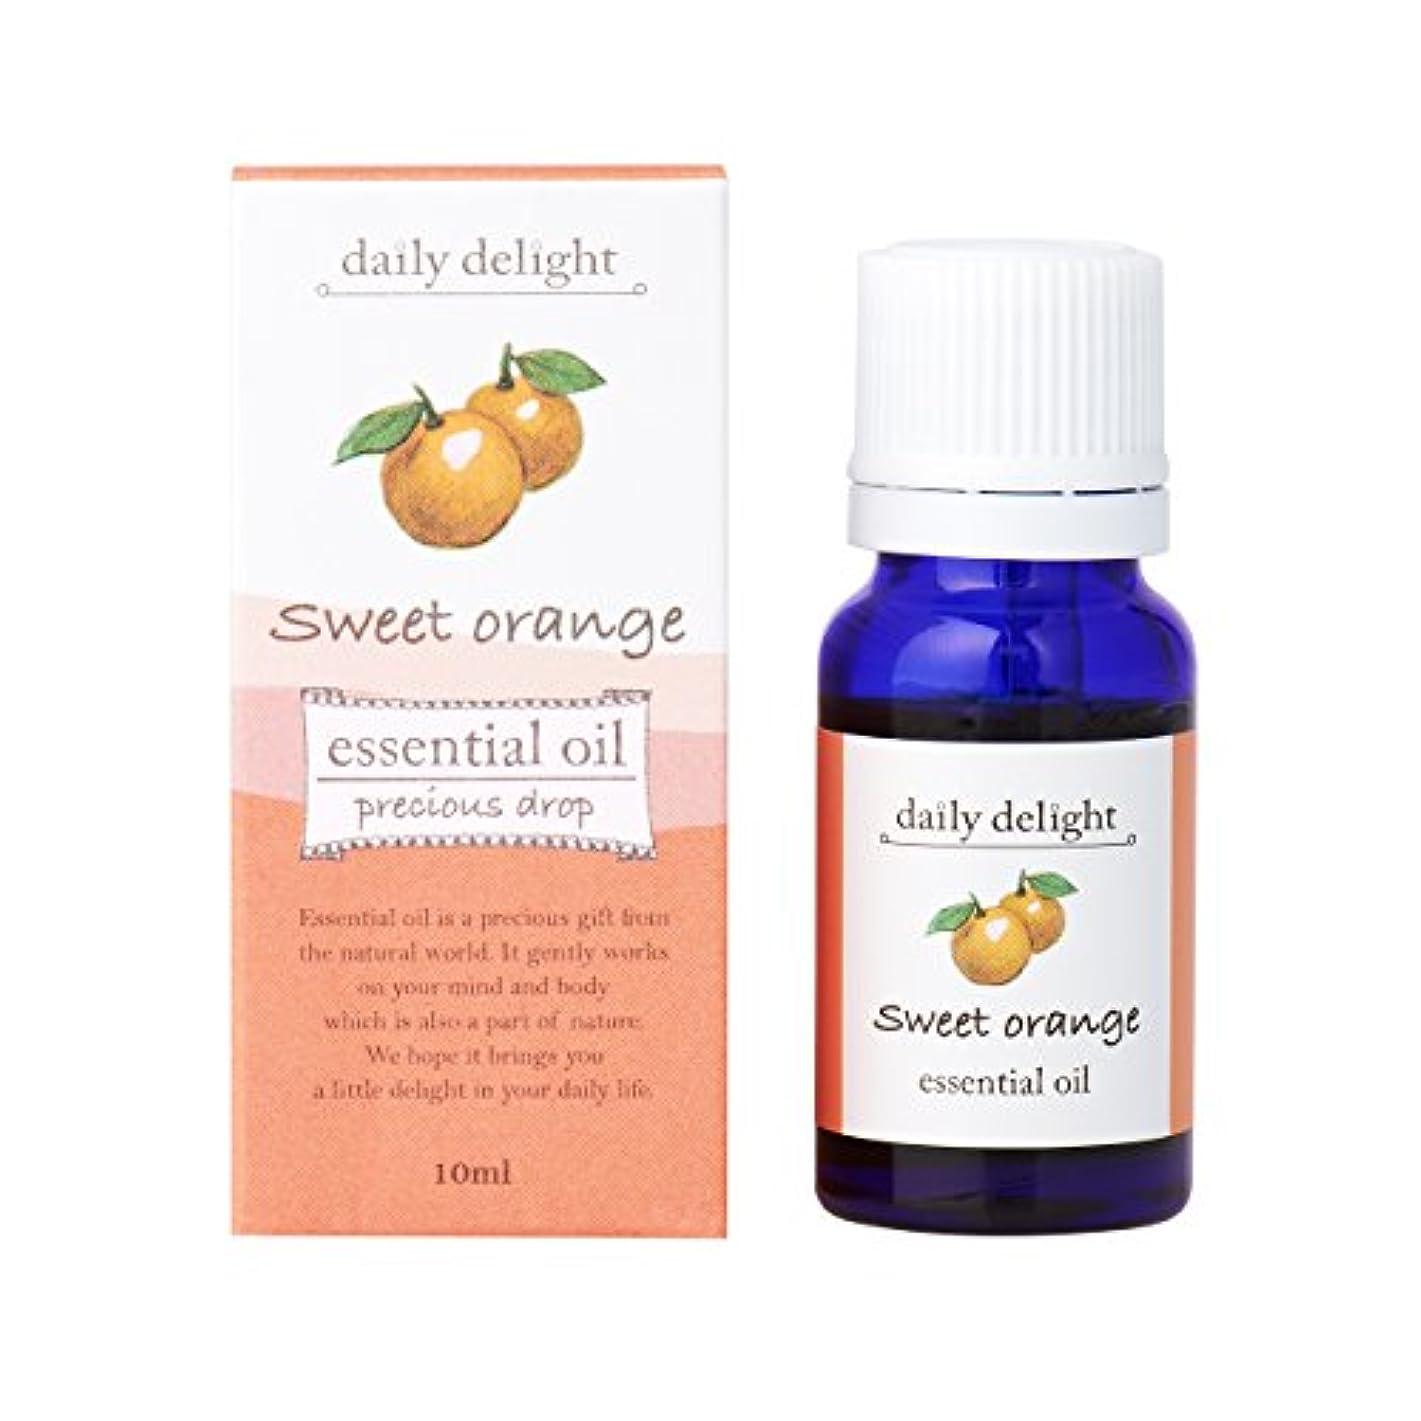 ピュー特許スリップデイリーディライト エッセンシャルオイル  スイートオレンジ 10ml(天然100% 精油 アロマ 柑橘系 フルーティで甘く爽やかな香り)